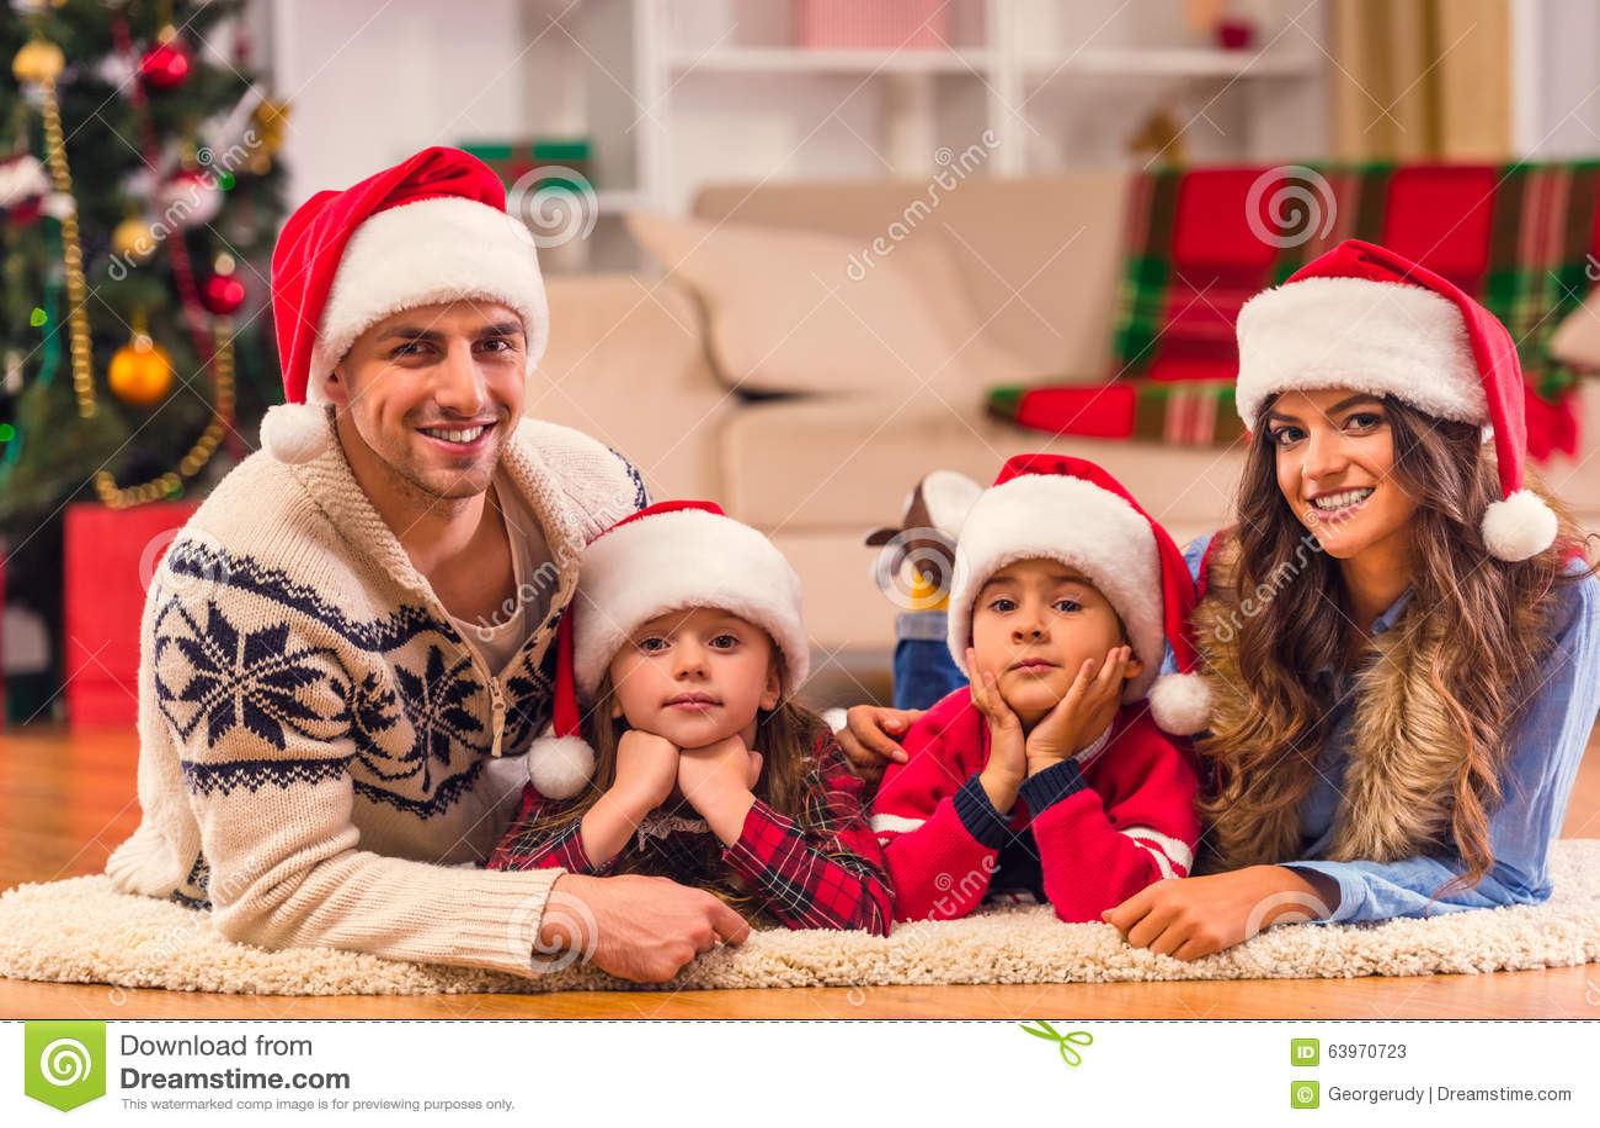 Merry christmas celebration stock photo image